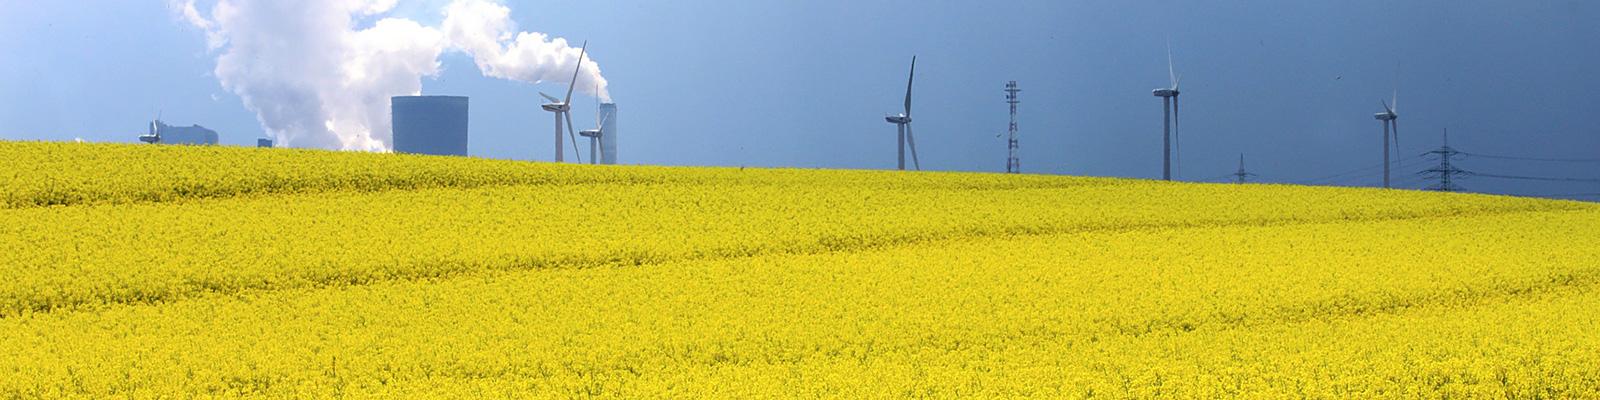 農業 風車 イメージ